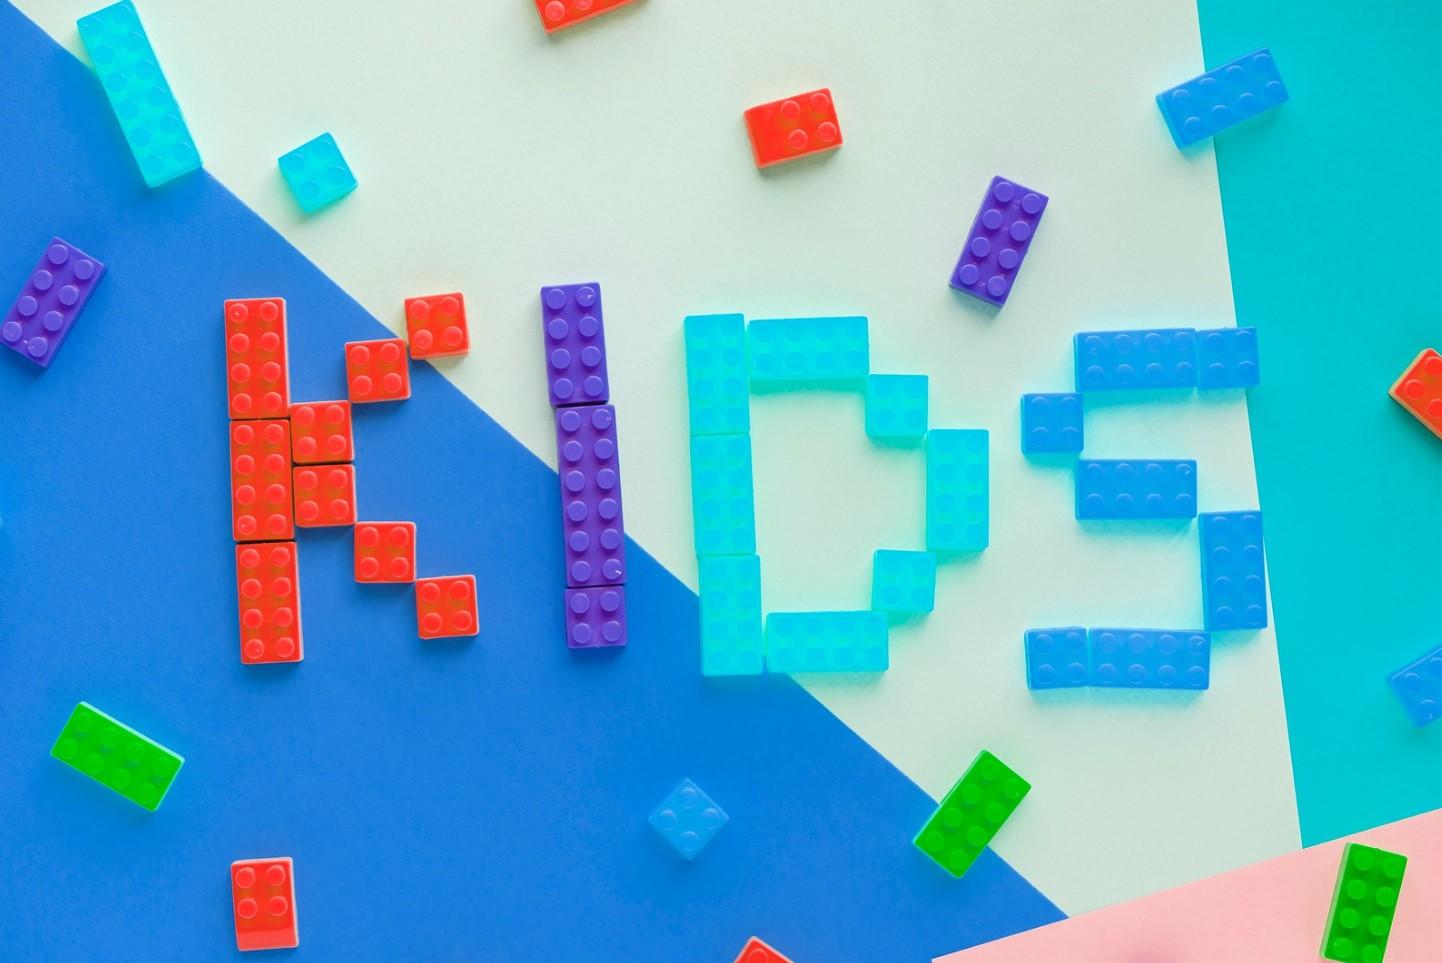 letras con legos